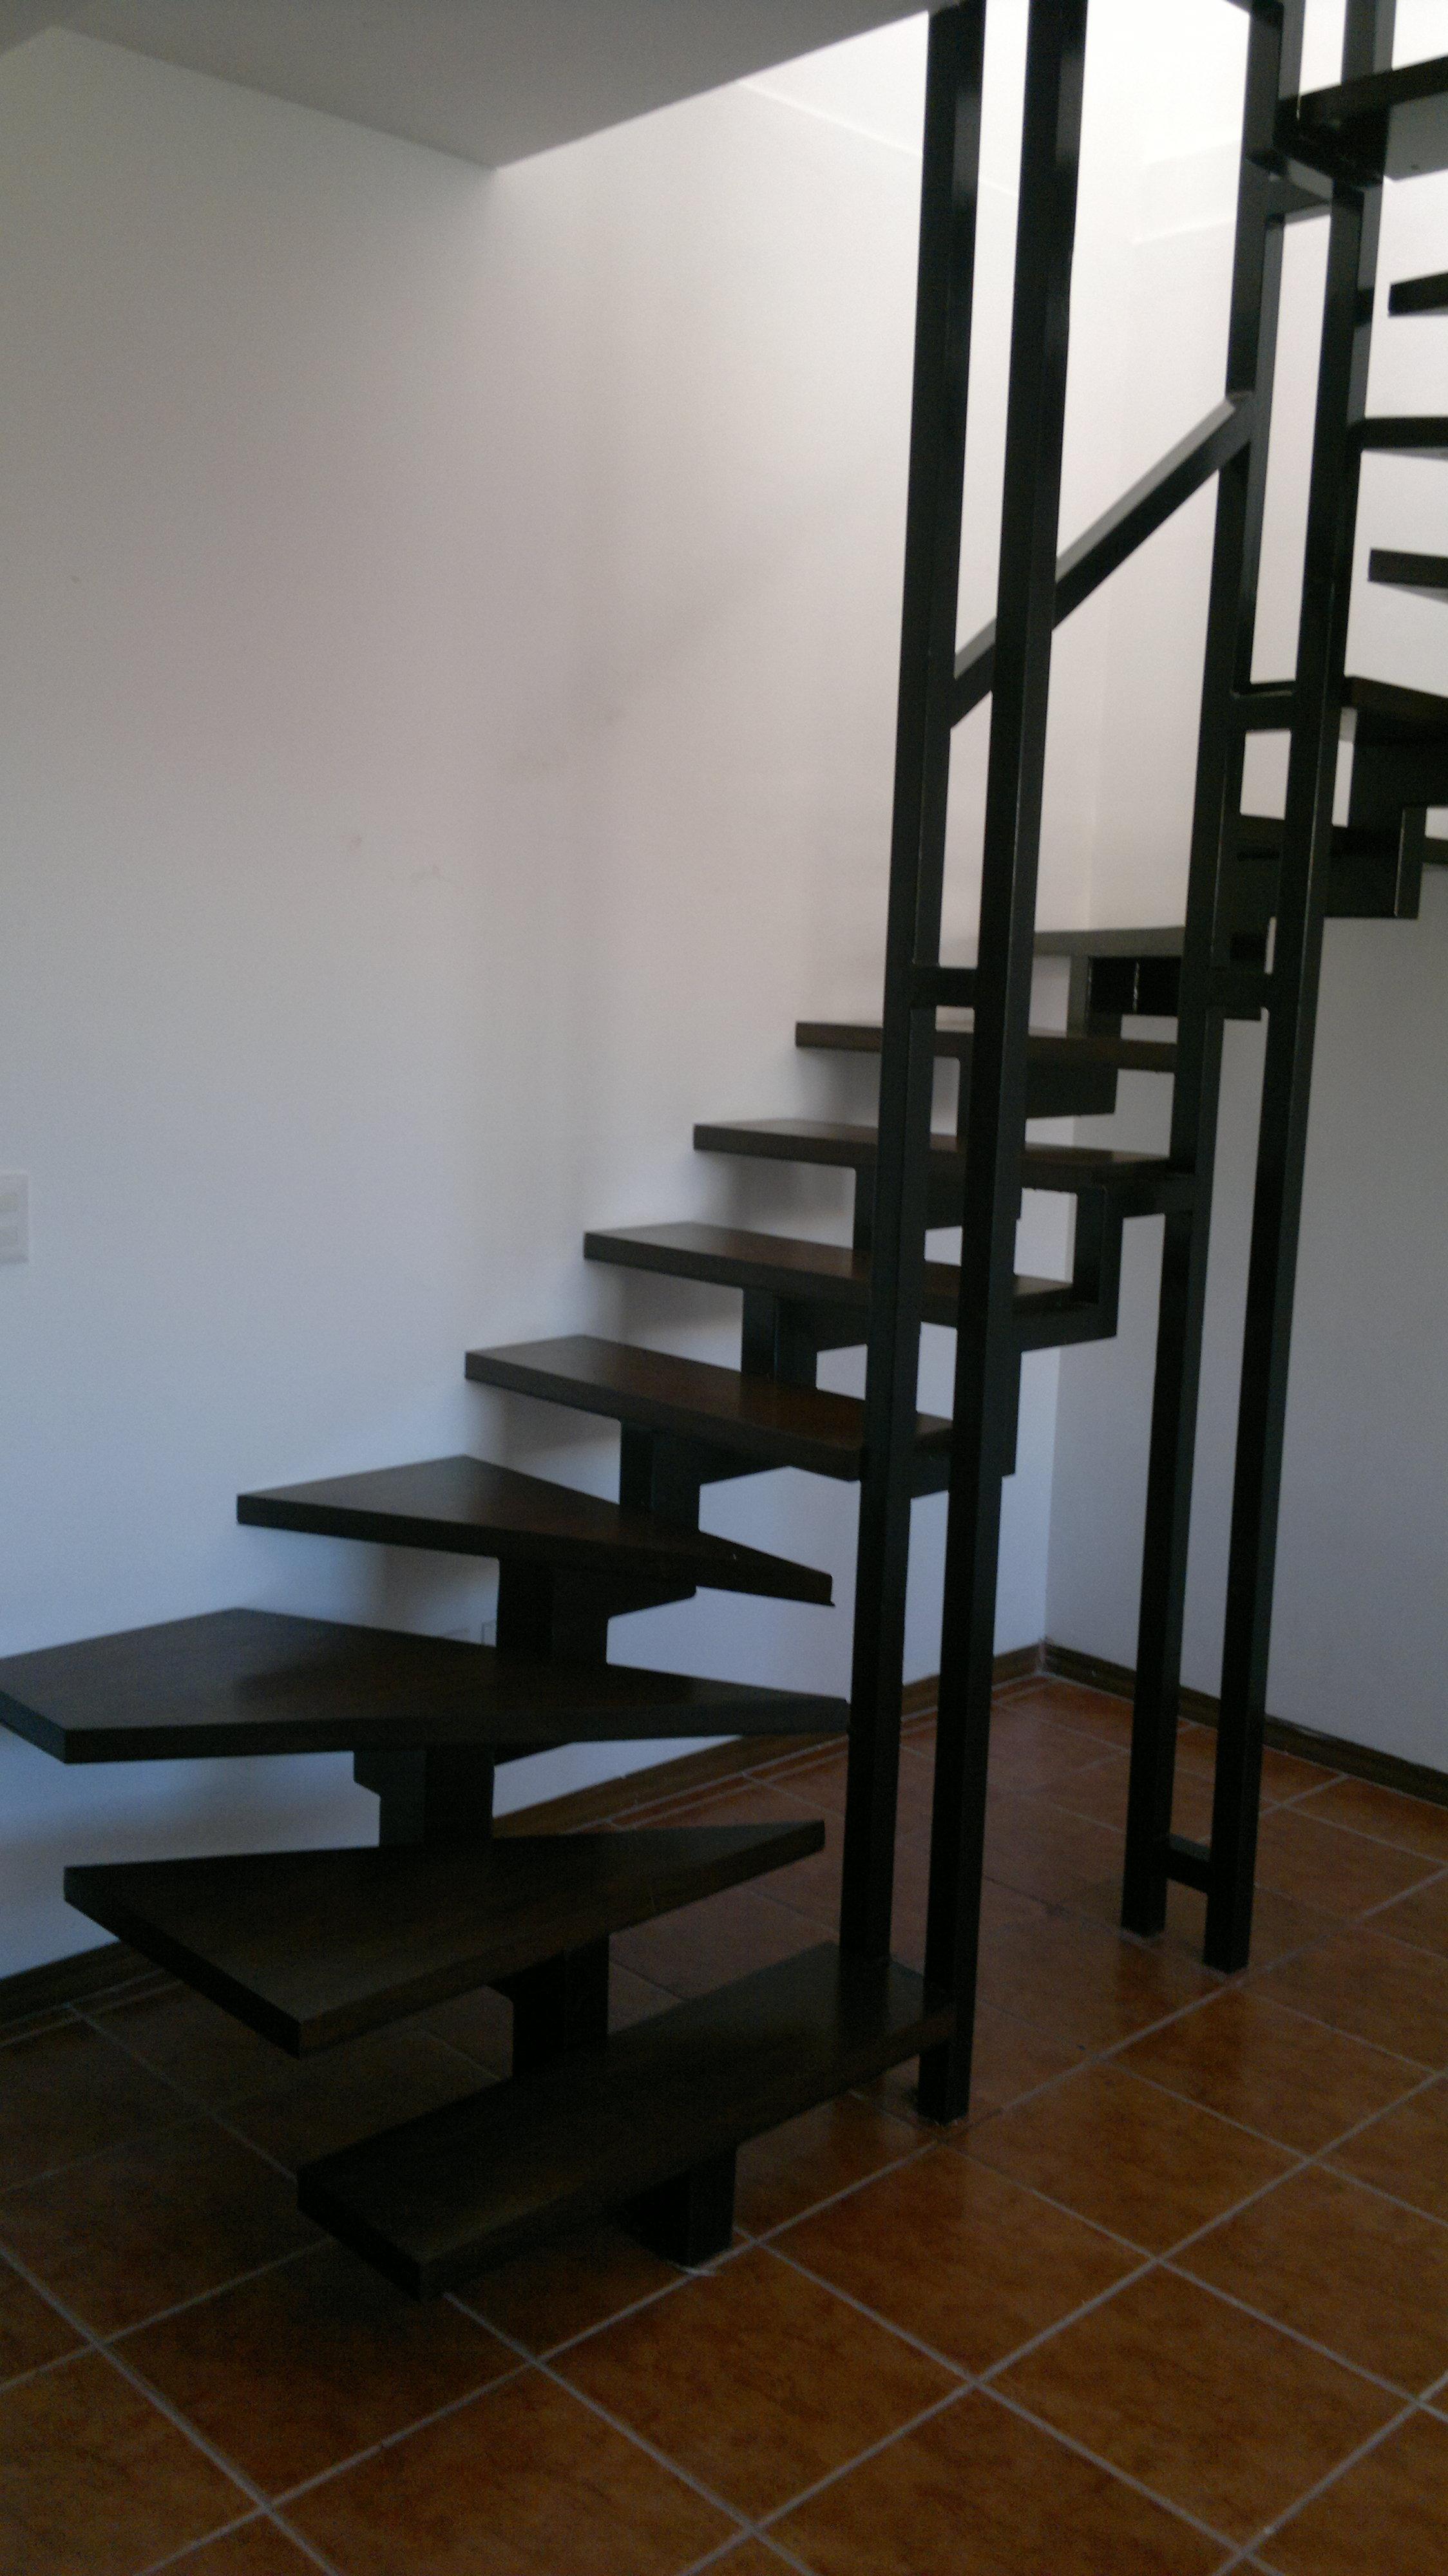 Escalera 010 herreria robles - Imagenes de escaleras ...